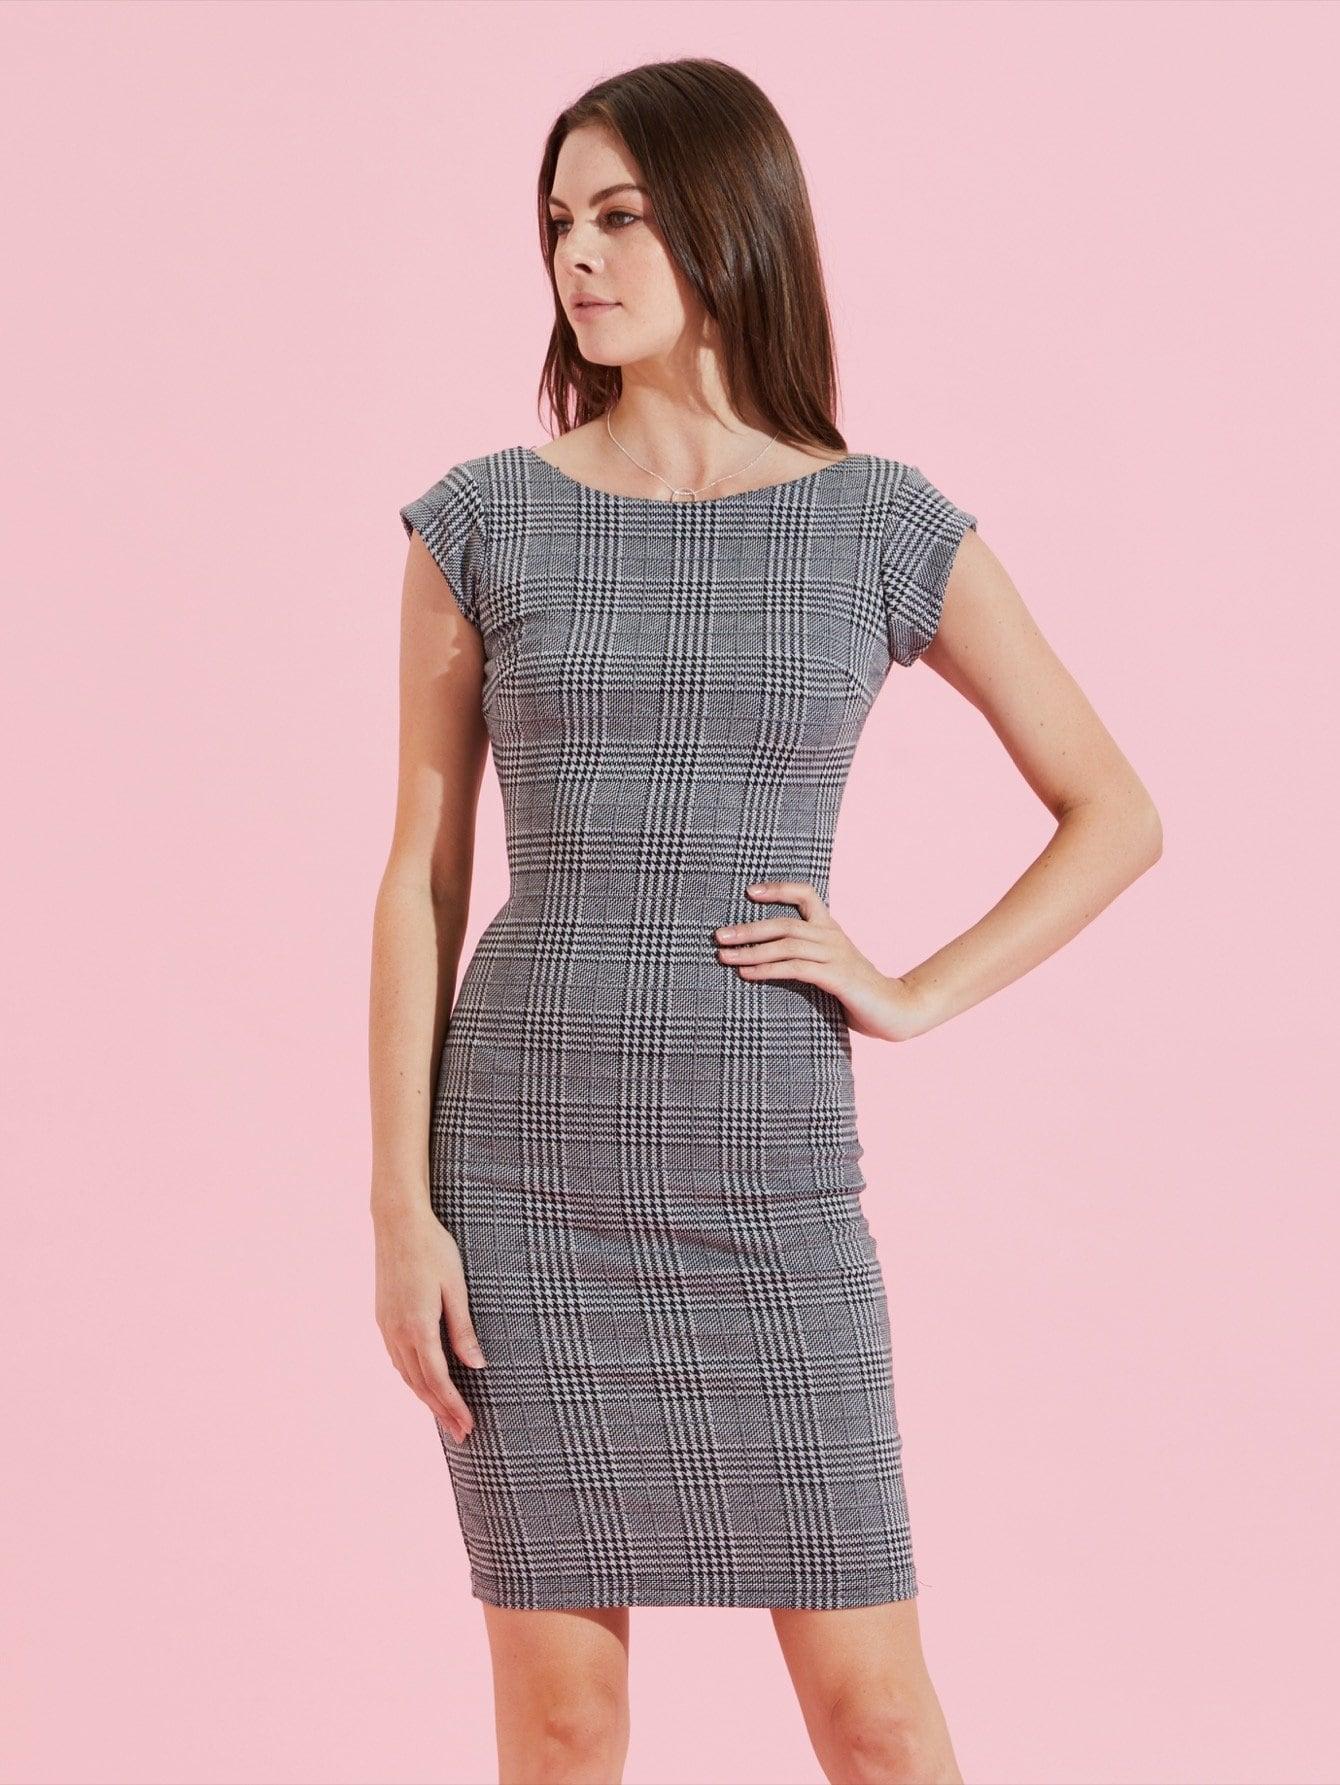 Купить Хаундстут платье с низкой спиной, Sophia Goslitski, SheIn